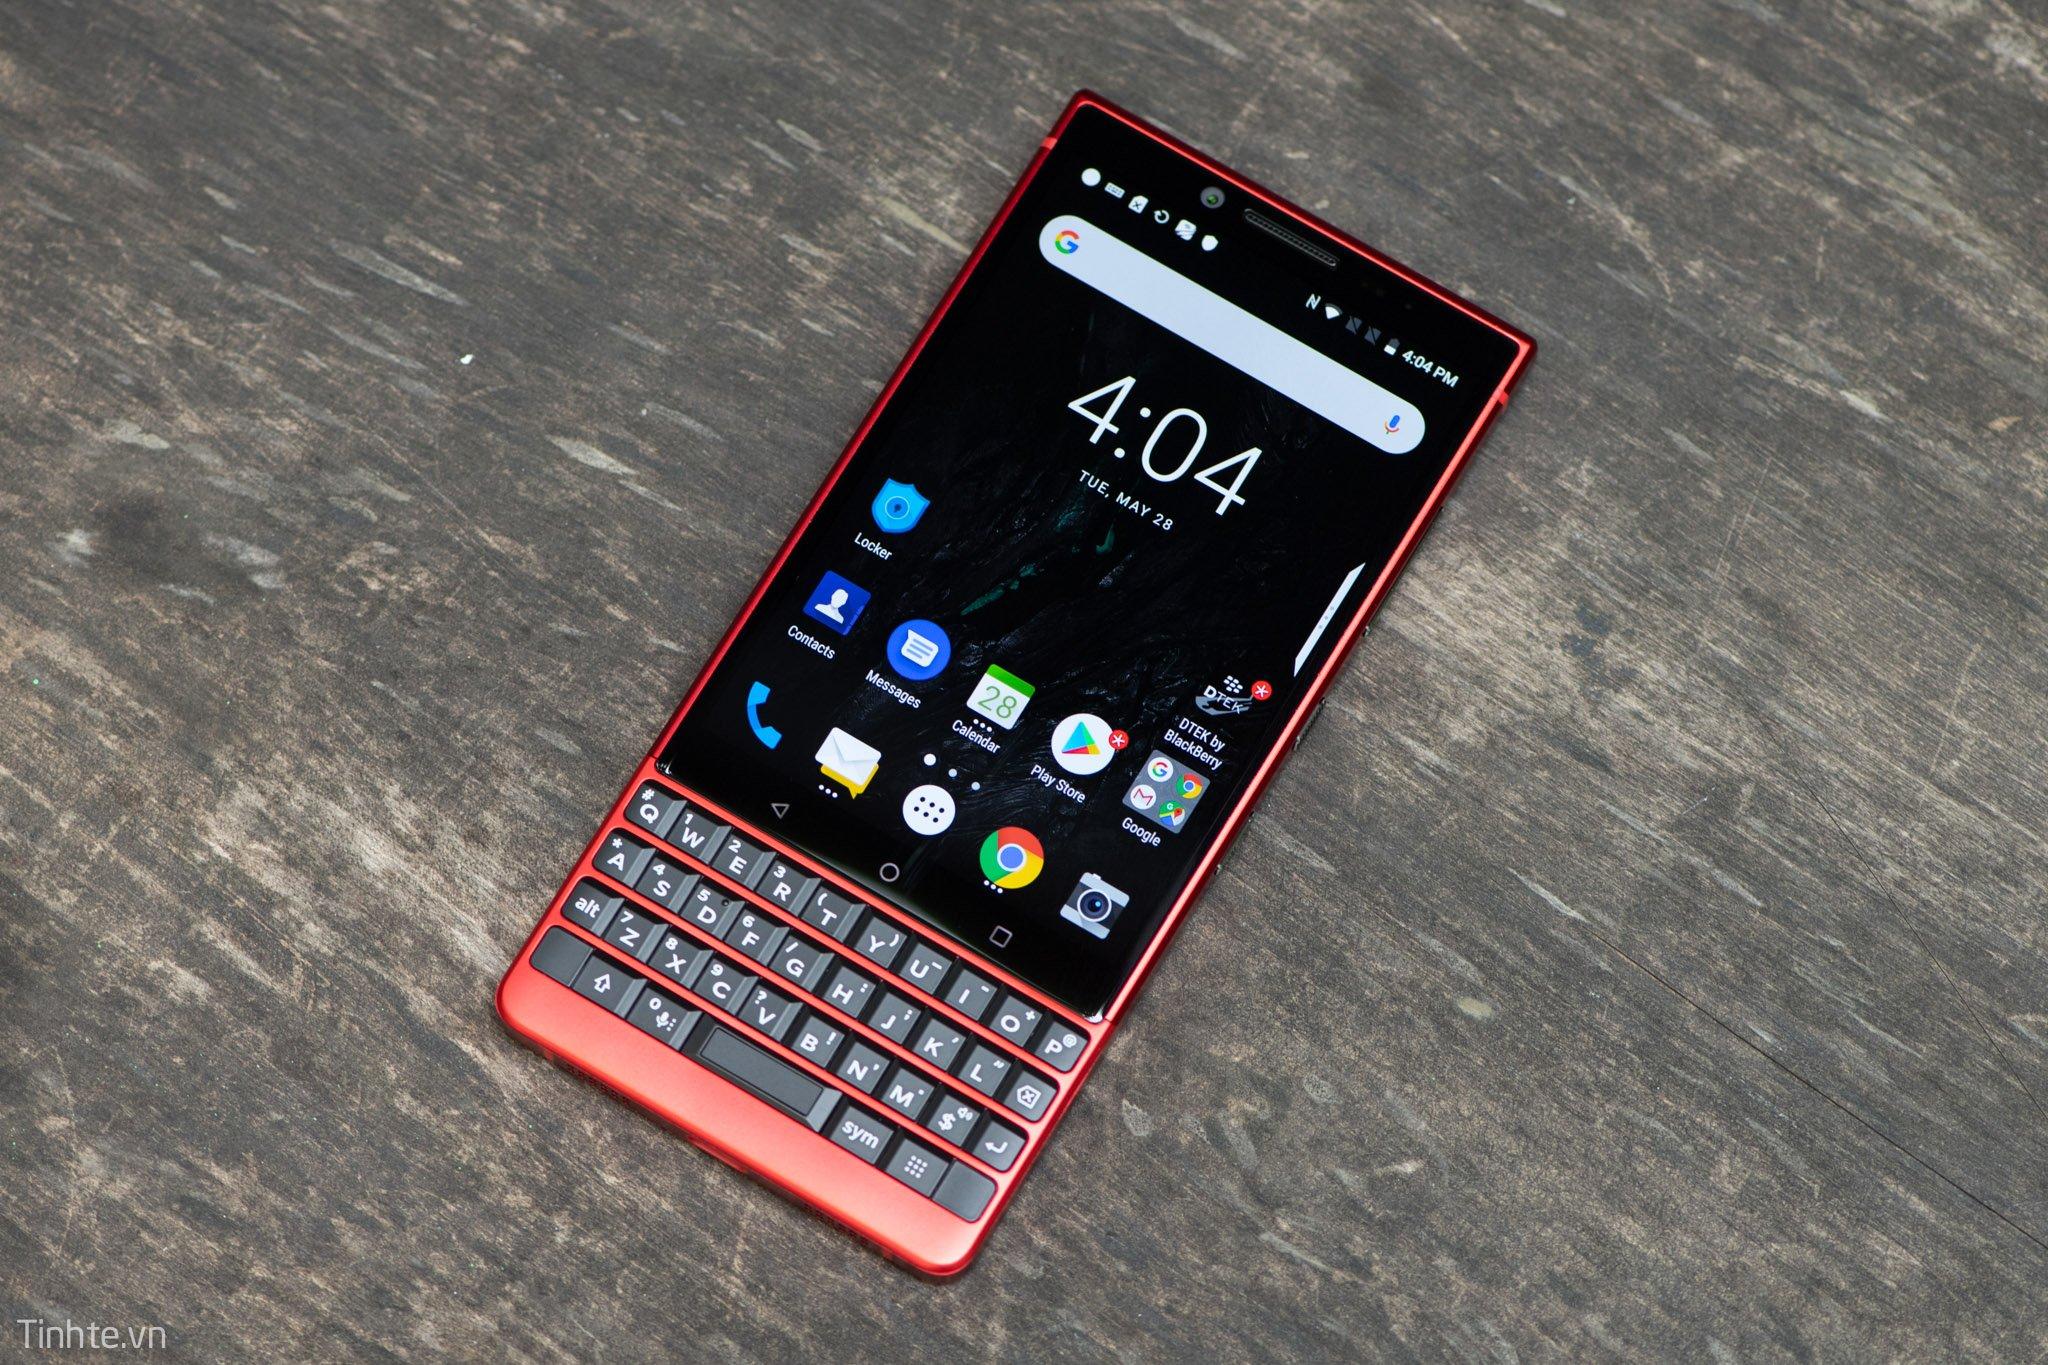 Đang tải blackberry_key2_red_tinhte_10.jpg…